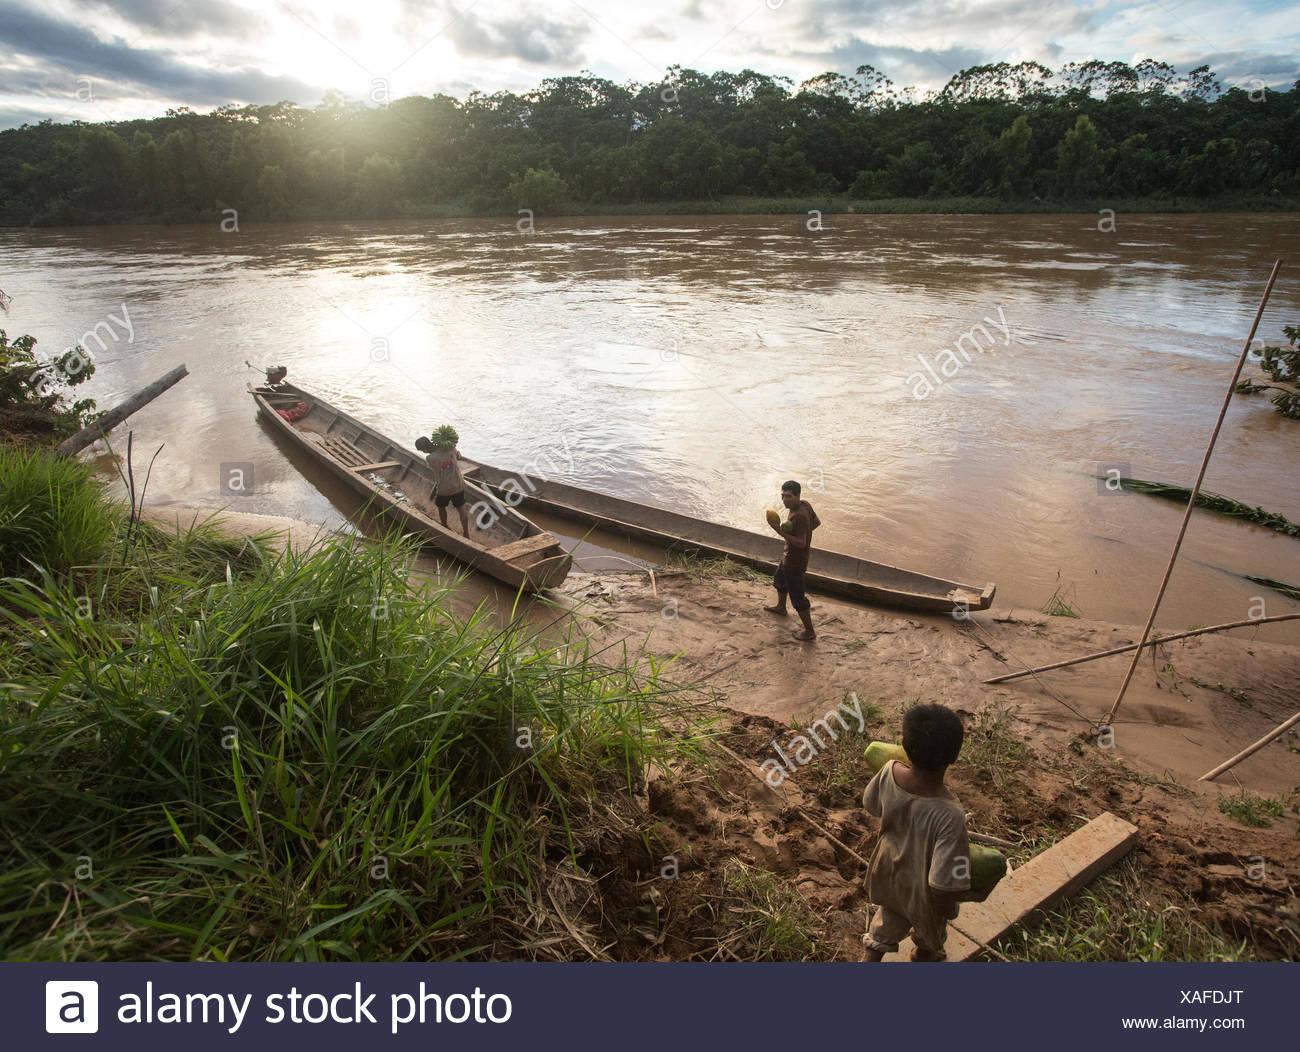 Mito Tsimané approccio persone una canoa per il trasporto di merci sul fiume Maniqui, vicino Anachere, nella foresta amazzonica, Bolivia. Immagini Stock